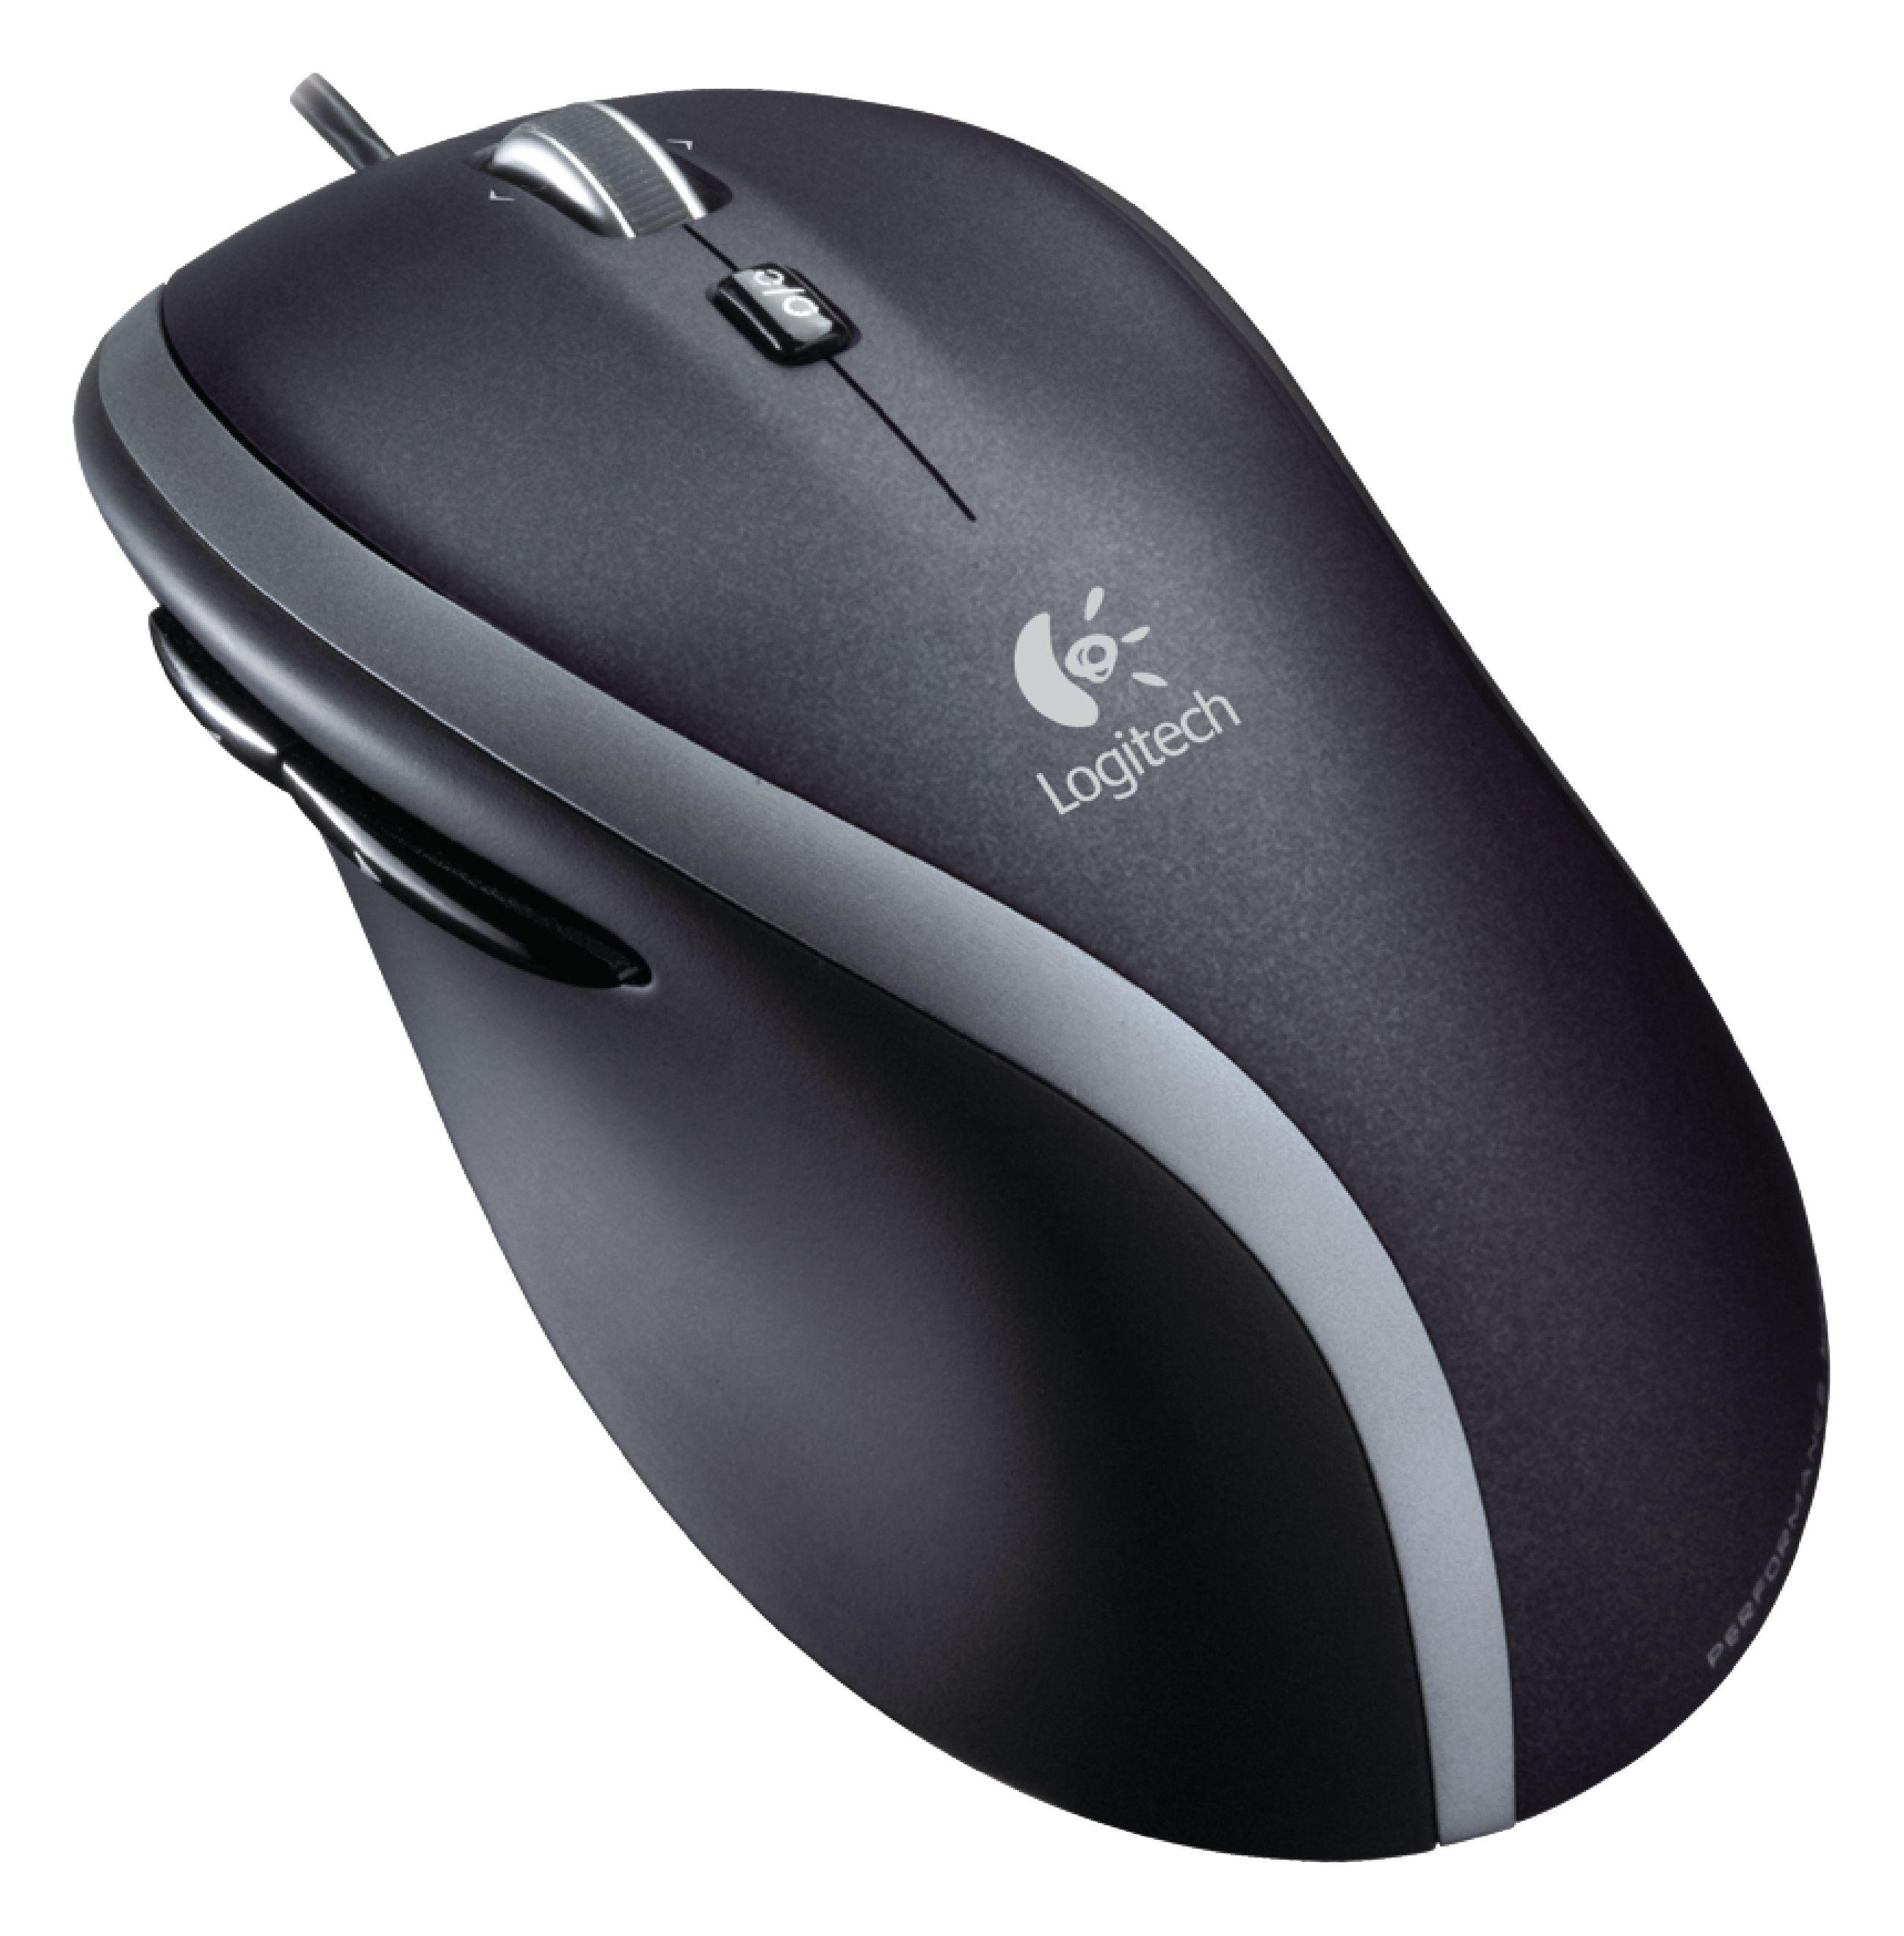 Lgt M500 Logitech Wired Mouse Desktop 5 Button Black